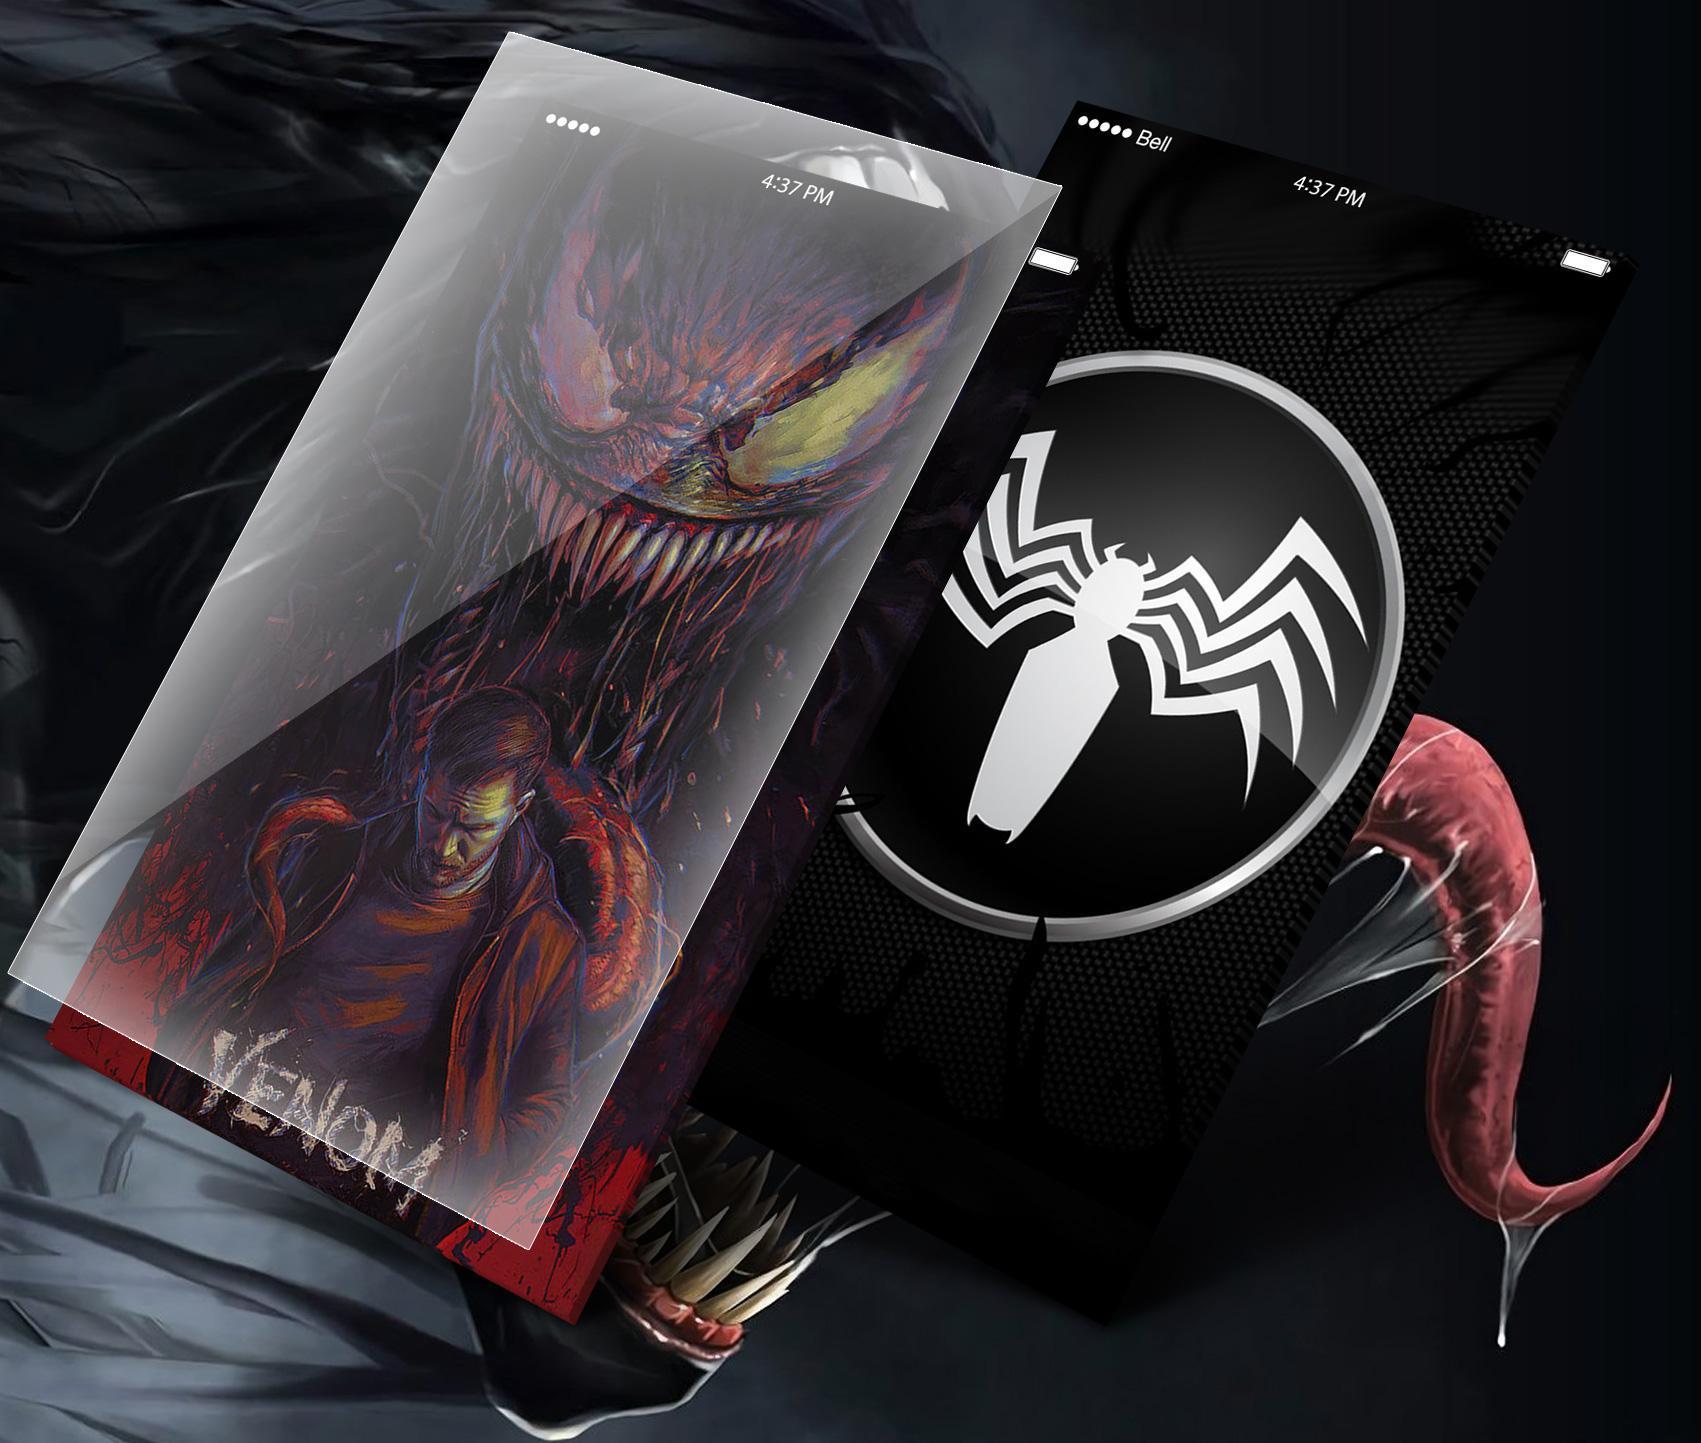 Venom 2018 Fond D Ecran Hd Pour Android Telechargez L Apk